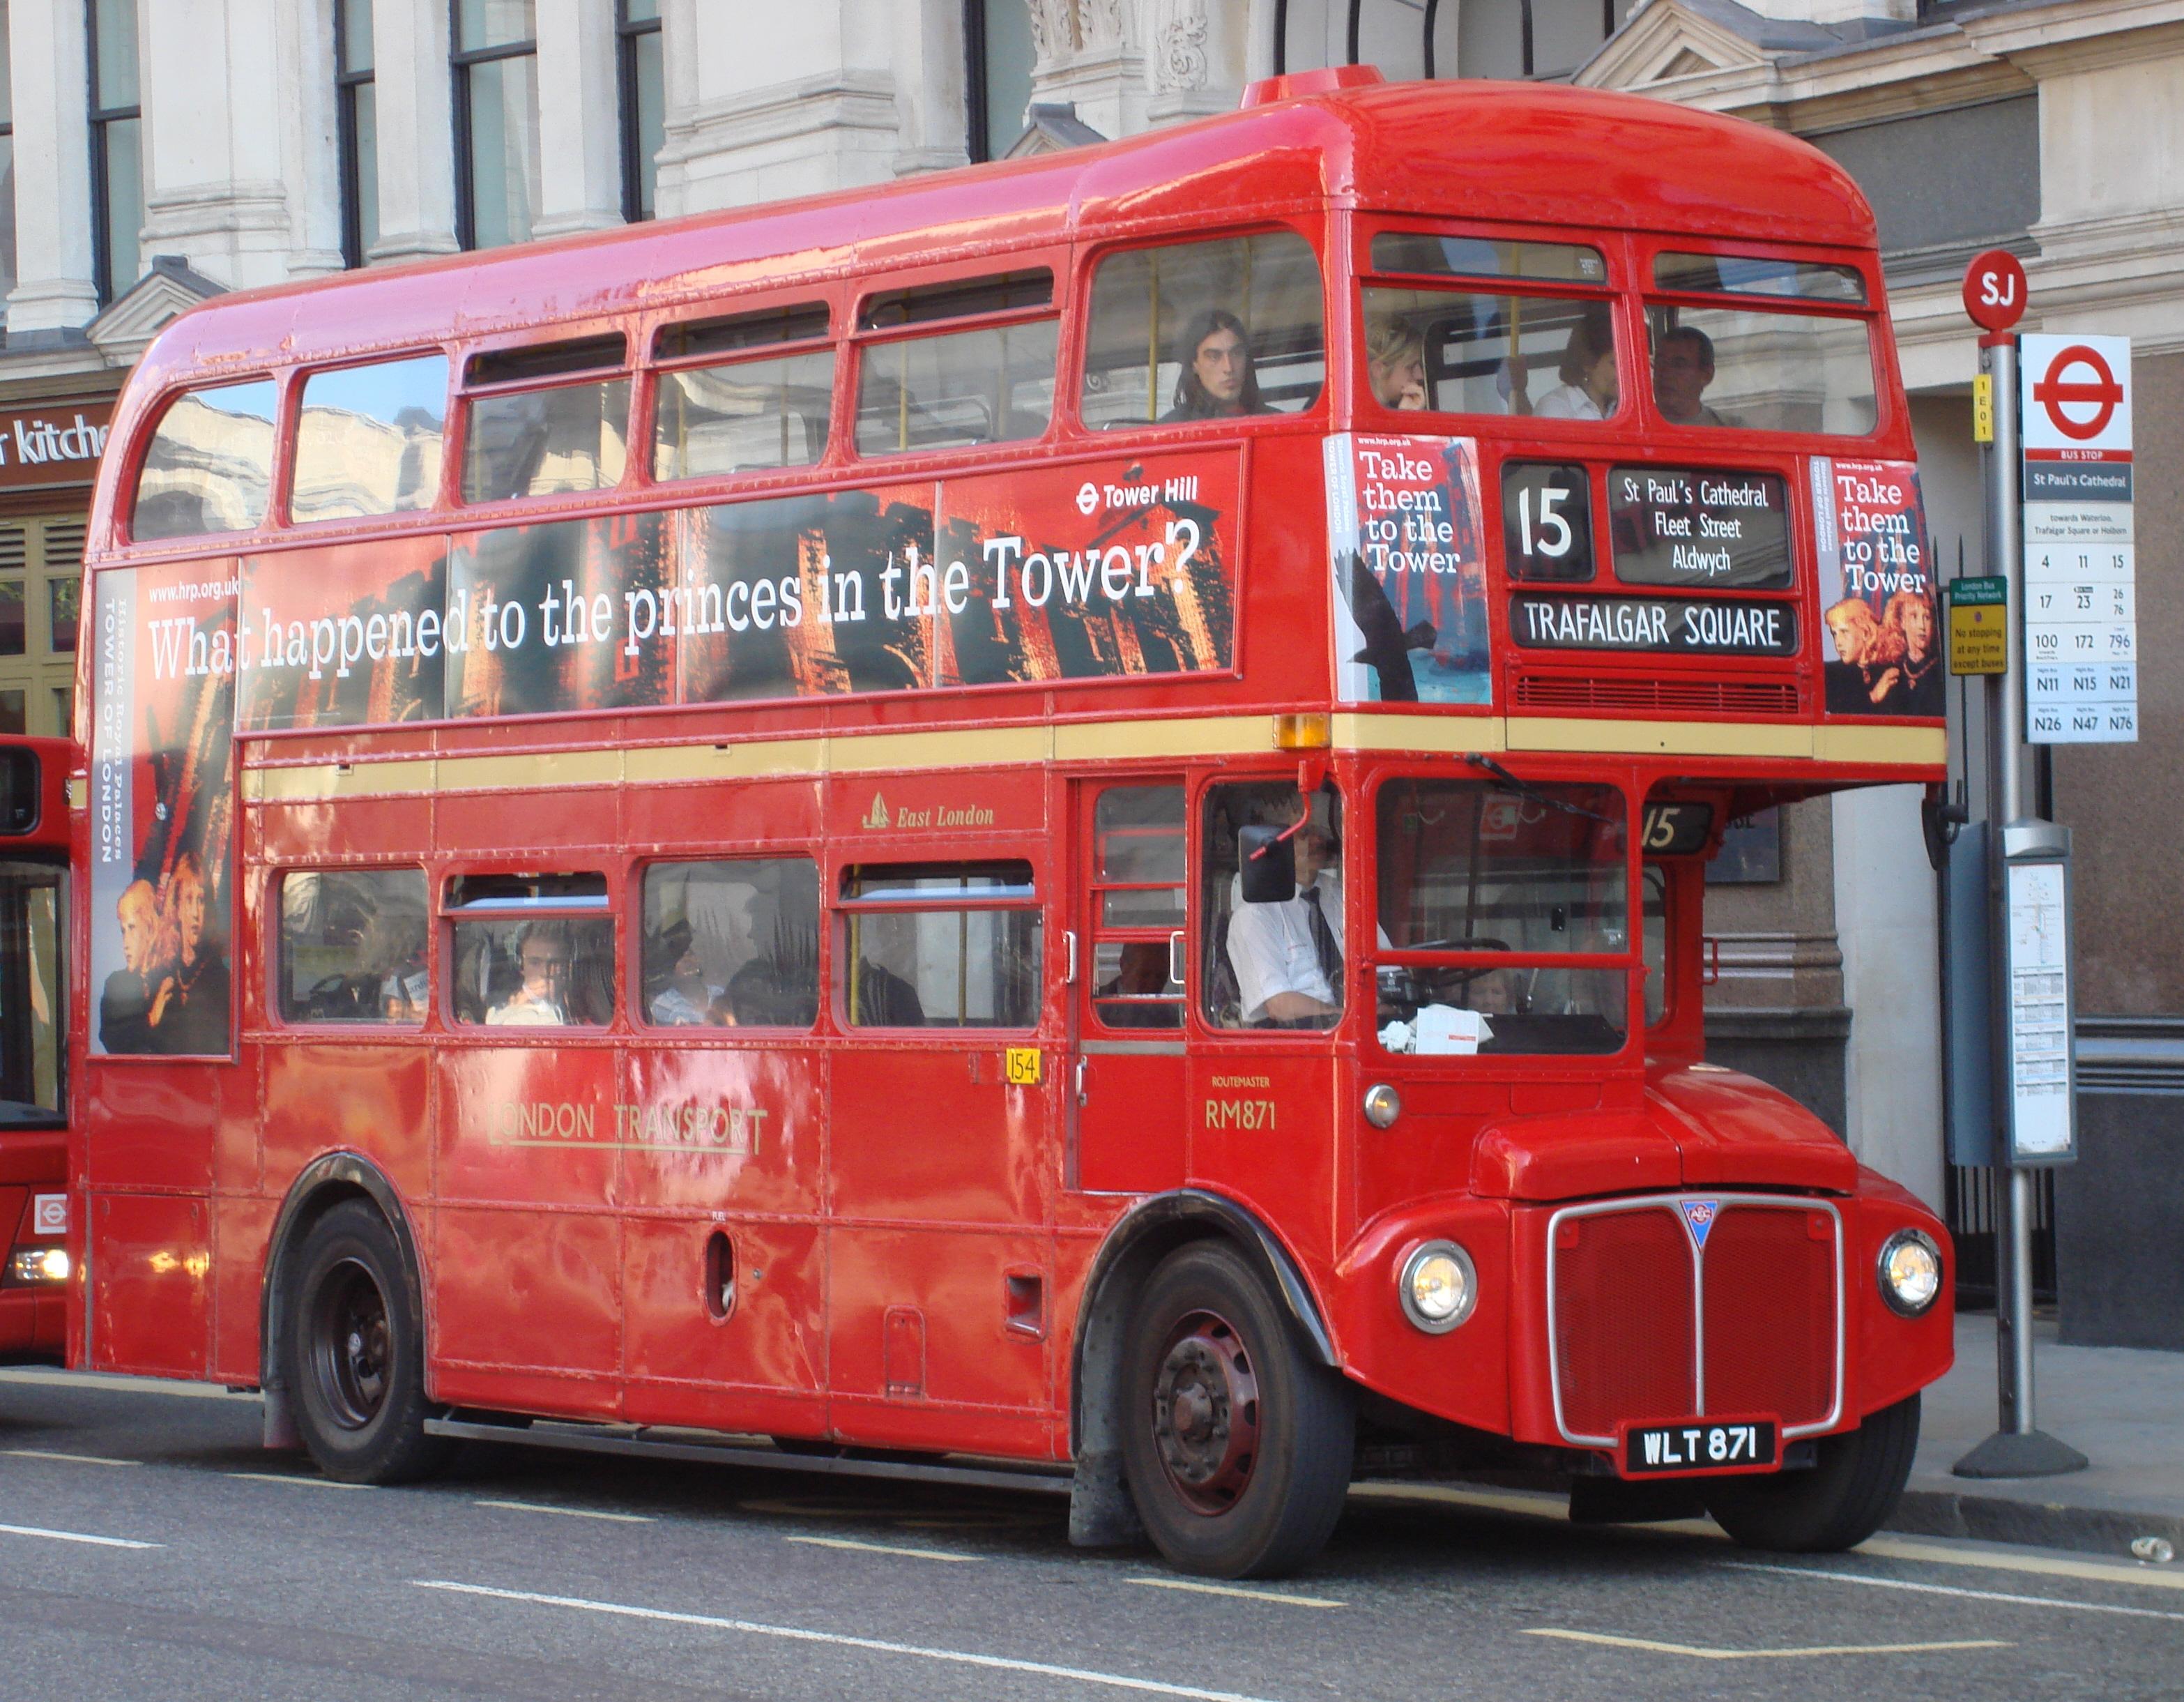 Amadeus Nightclub Aberdeen london: wikivoyage